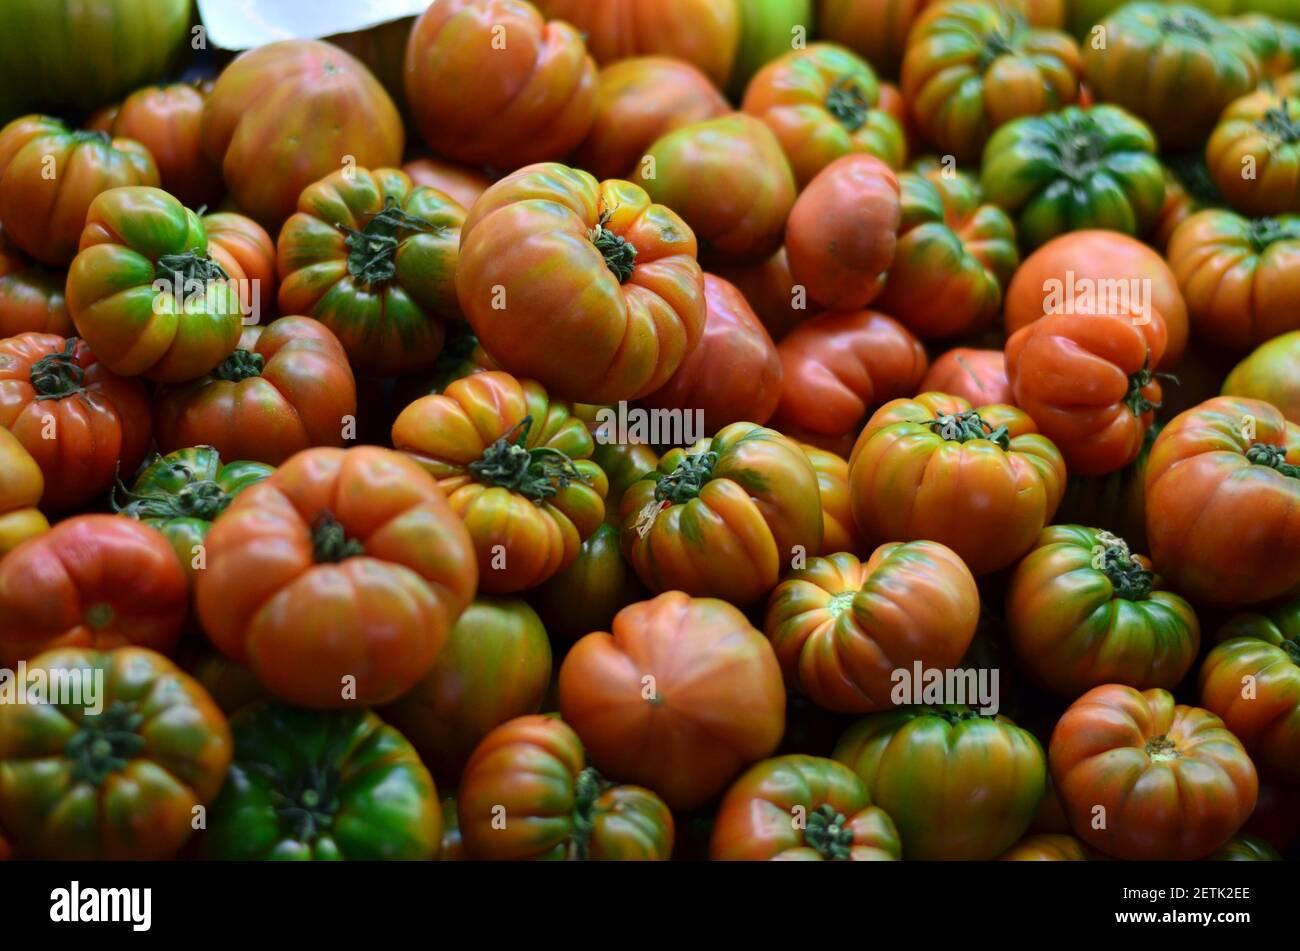 Tomates rojos y verdes frescos, recién cosechados en el jardín, listos para la venta en el mercado de verduras. Foto de stock